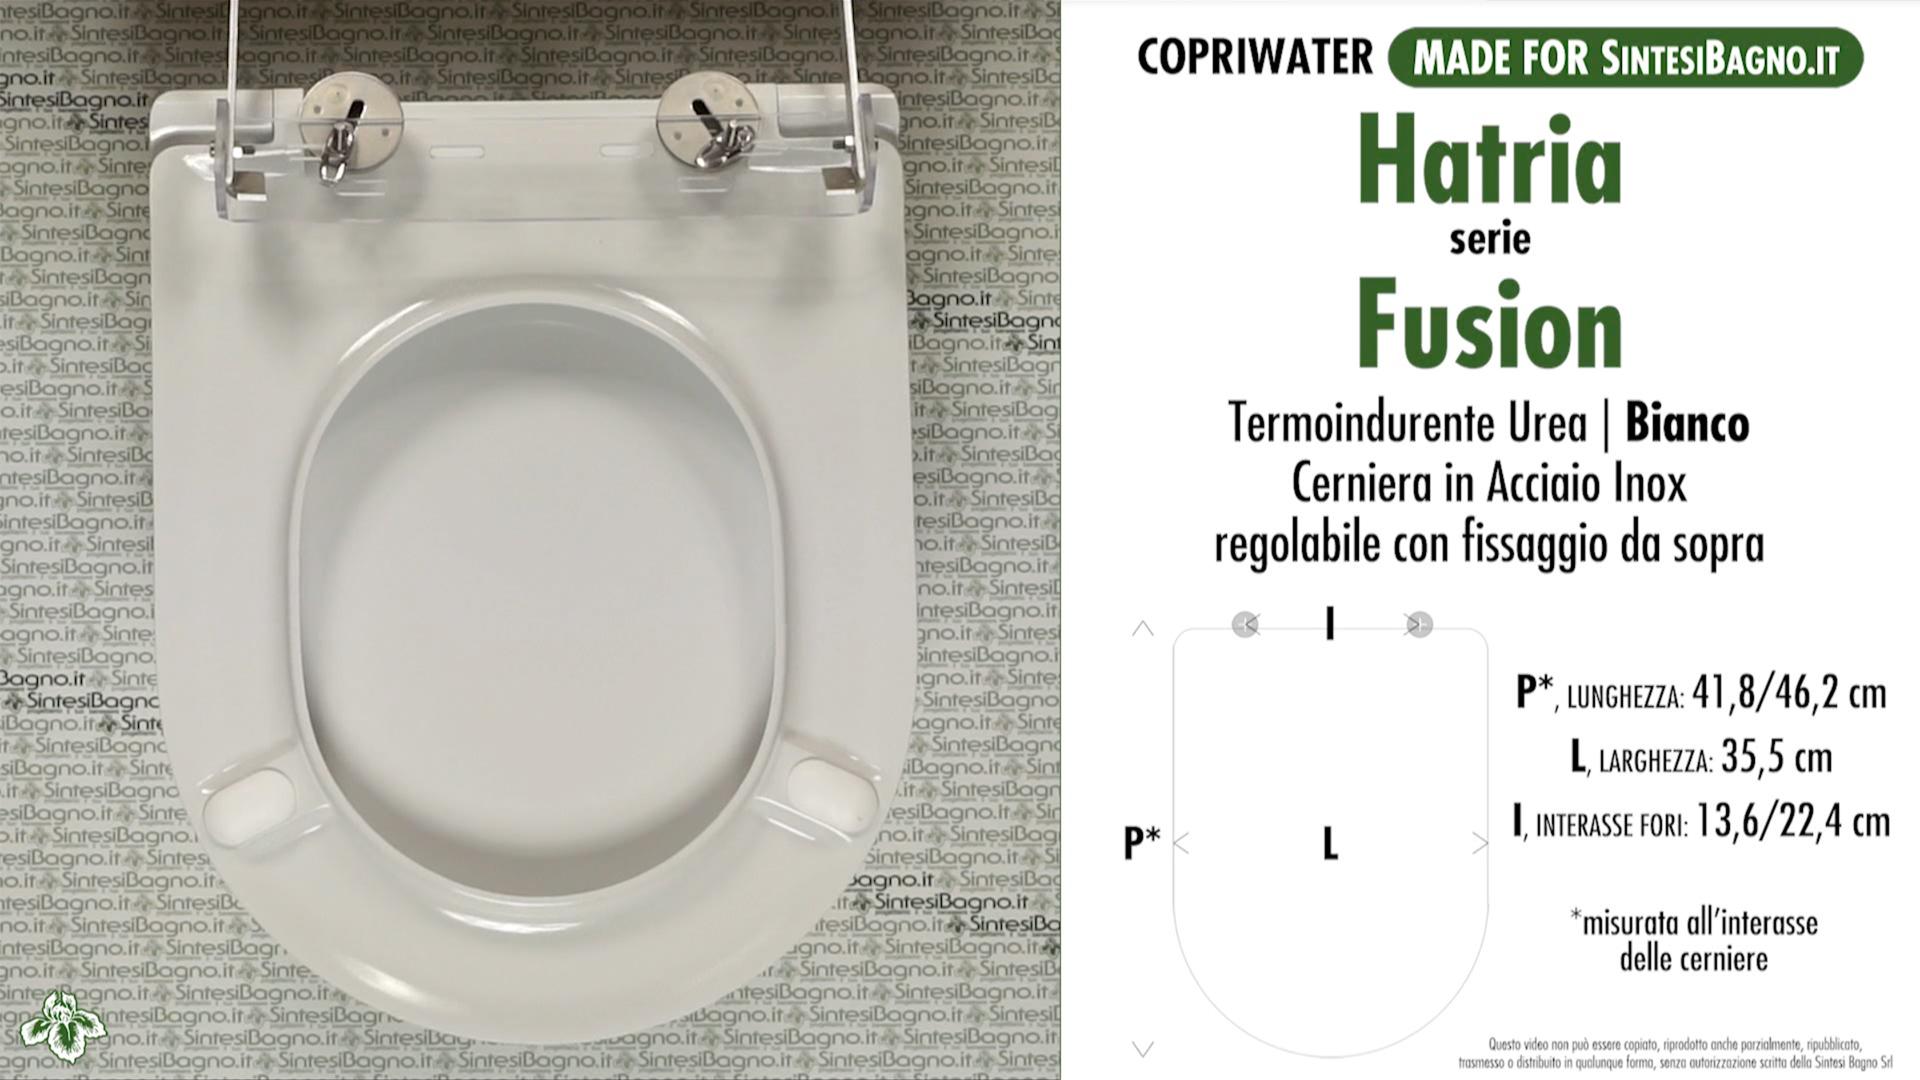 SCHEDA TECNICA MISURE copriwater HATRIA FUSION